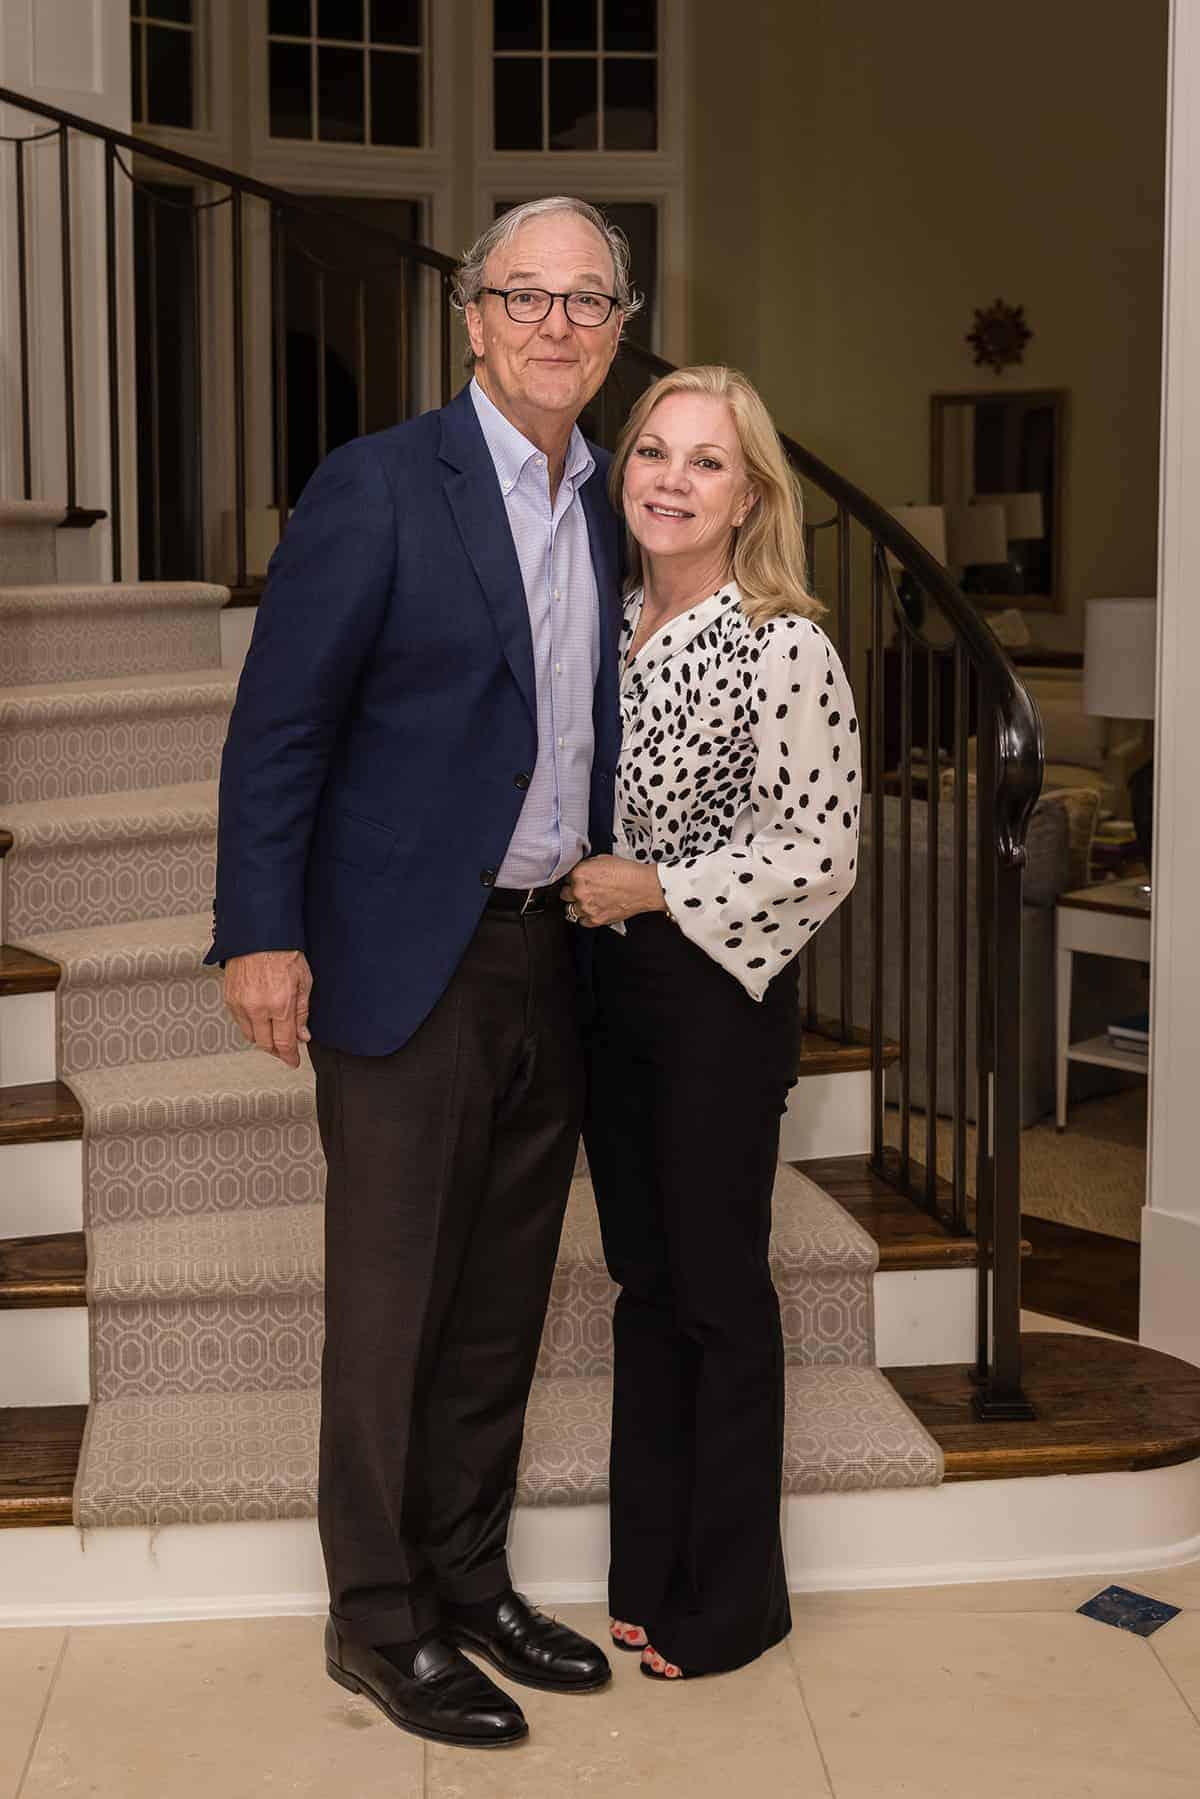 Dick and Betsey Skorburg